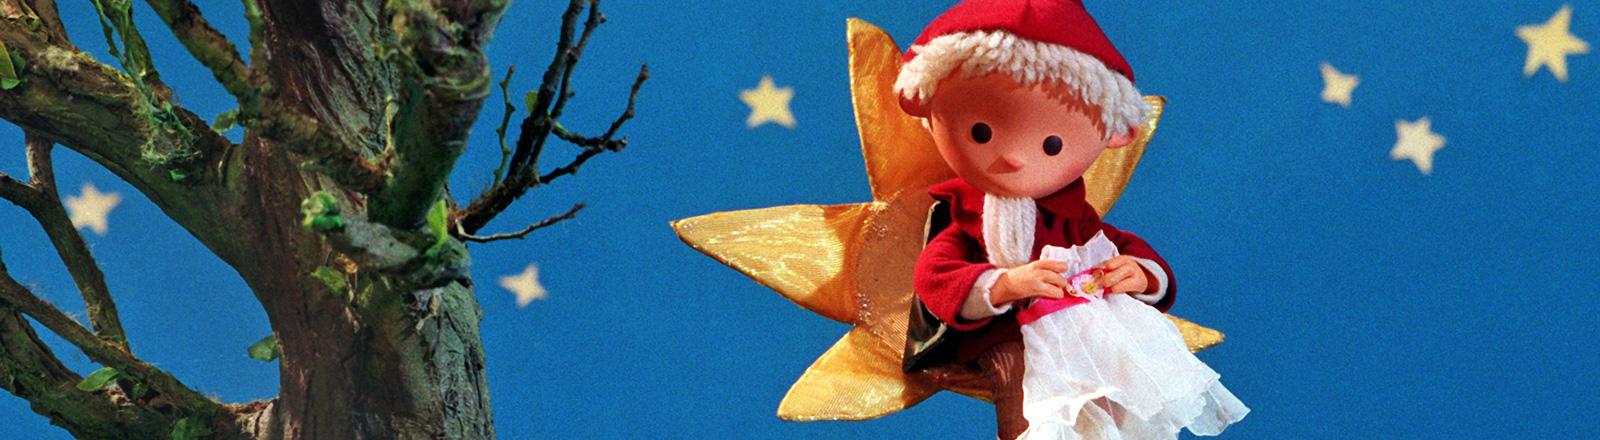 Die Figur Sandmännchen sitzt auf einem Stern aus Stoff vor einer blauen Fläche mit Sternen. Links steht ein künstlicher Baum; Bild: dpa